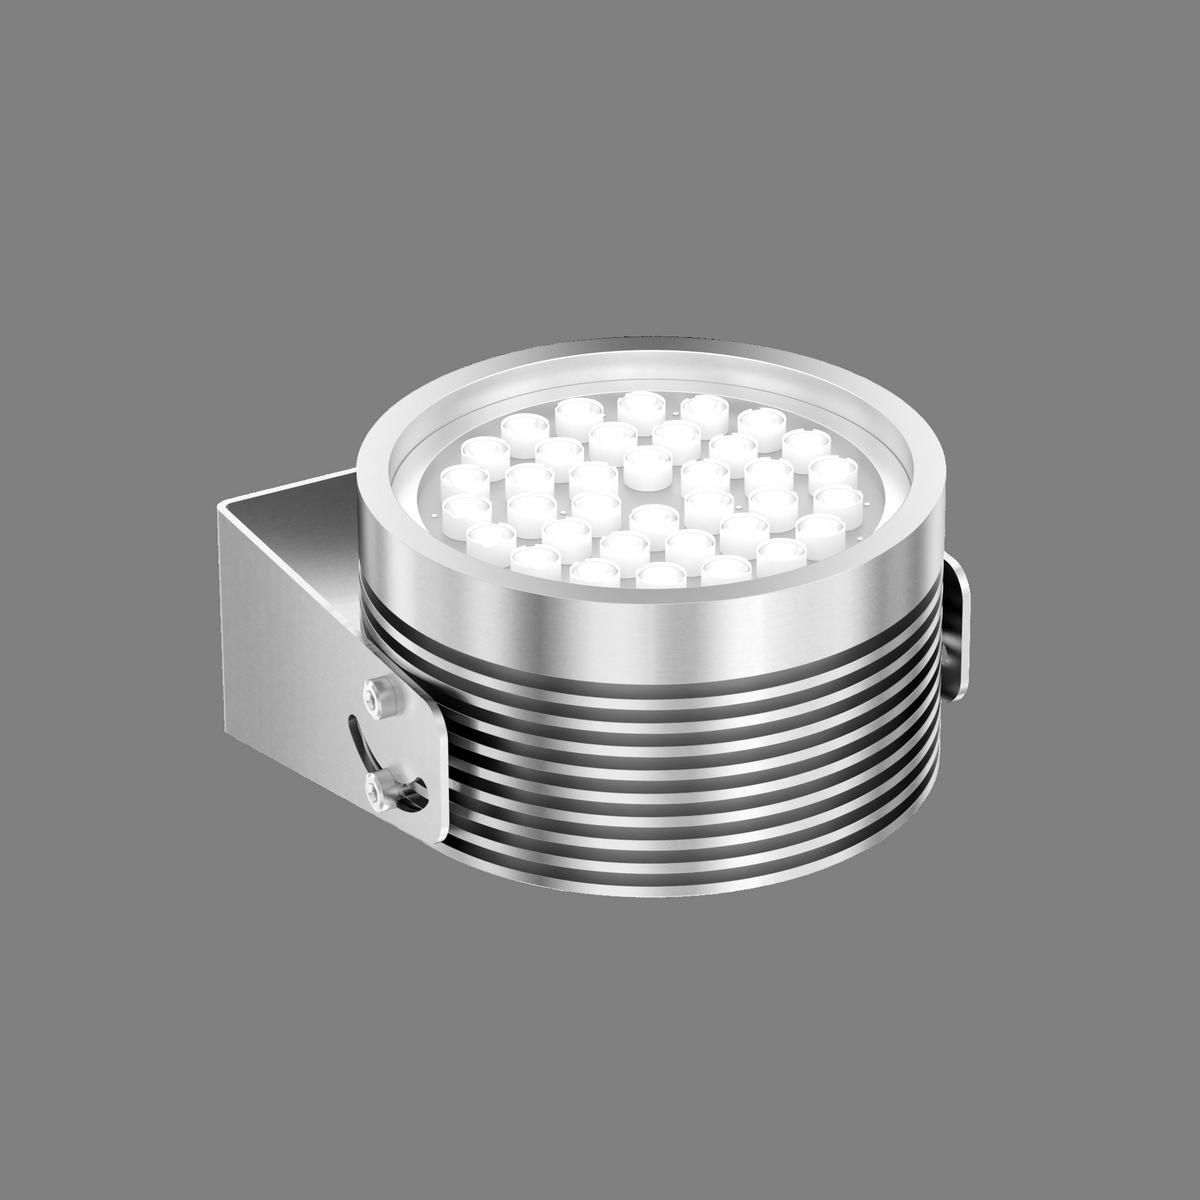 TRIF JUPITER TURN - Универсальные фасадные RGB прожекторы